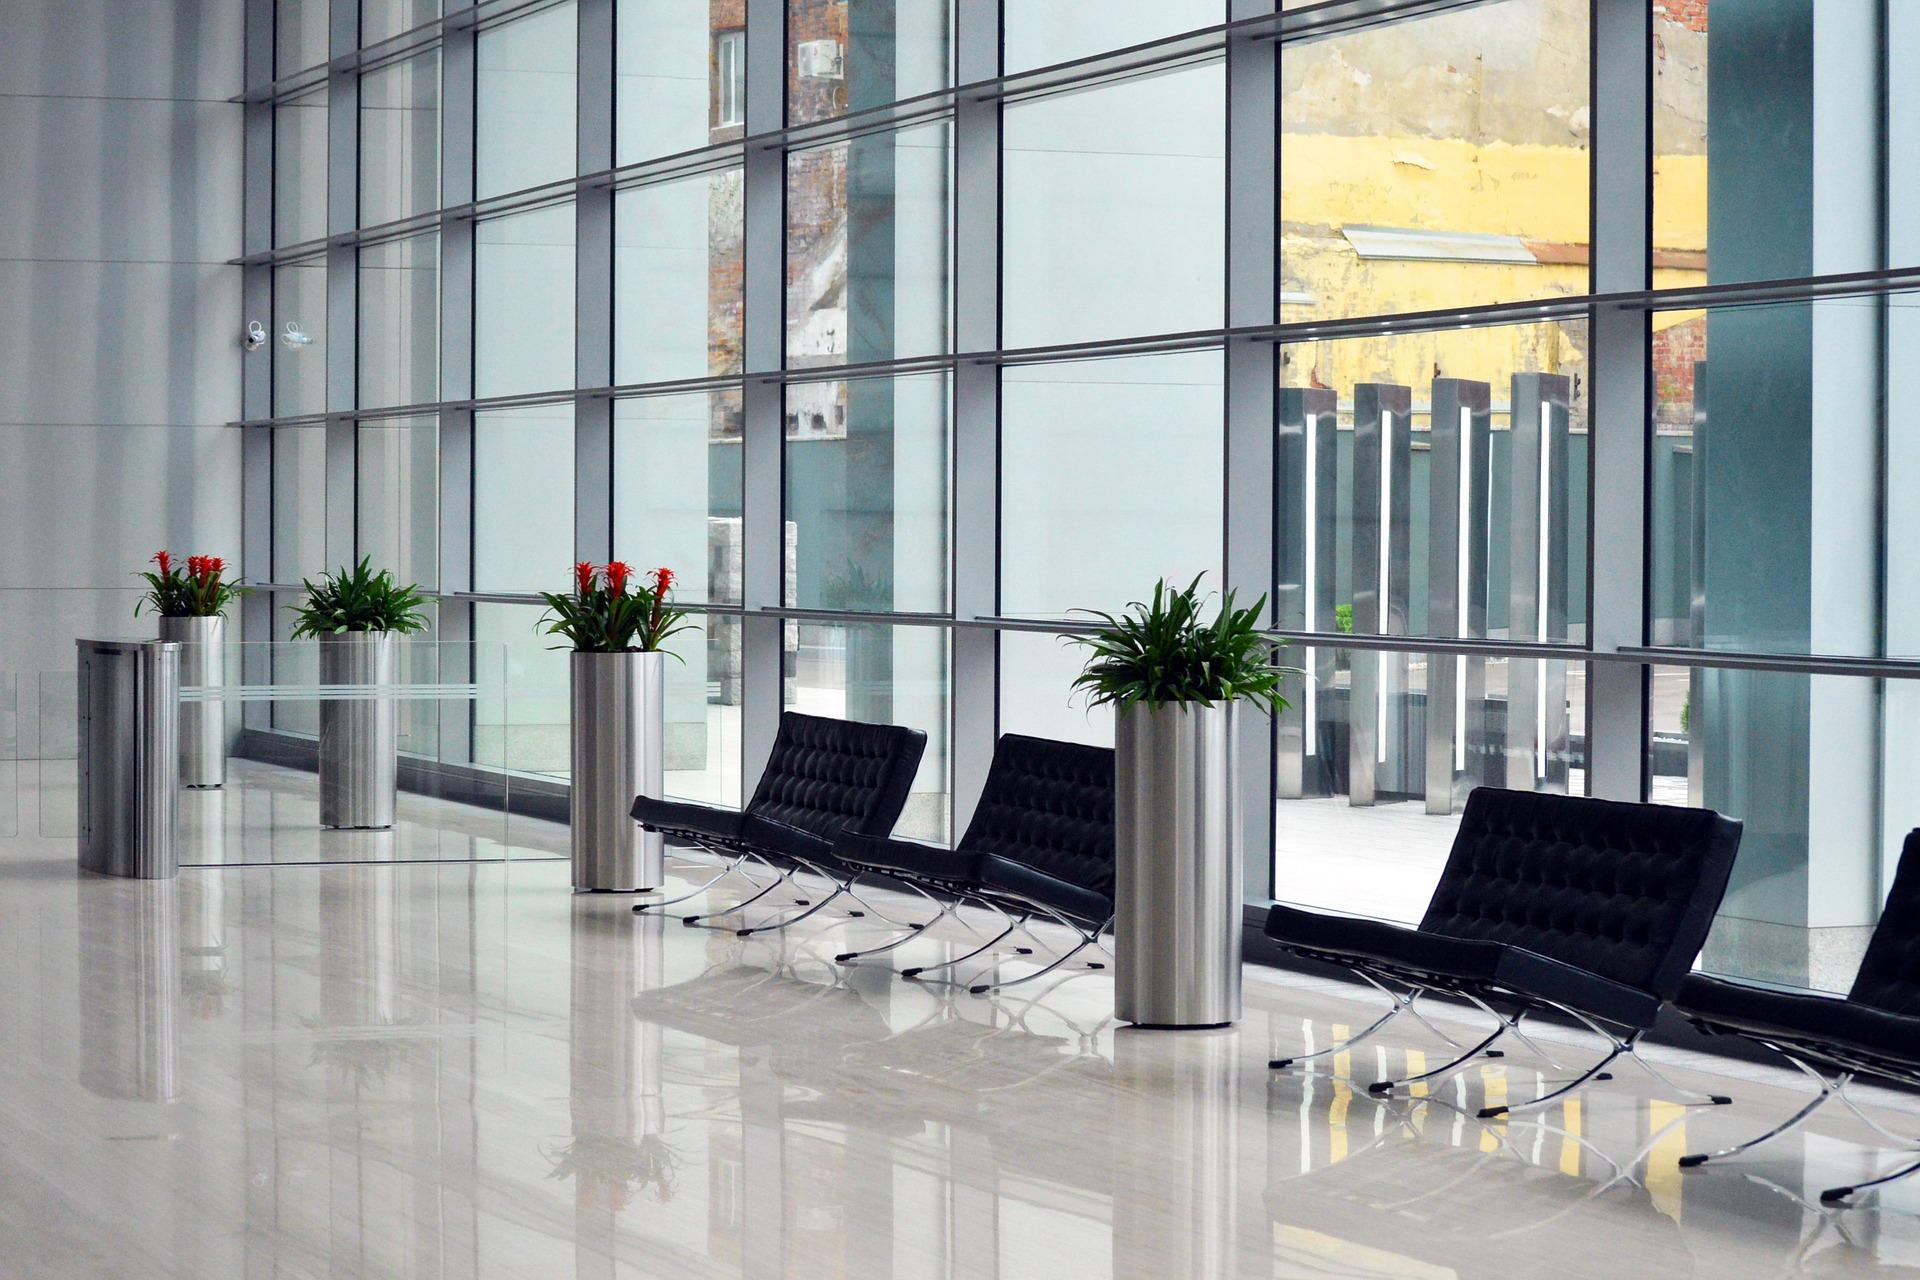 entreprise décorateur événementiel lyon décoration intérieur fleuriste fleurs événement